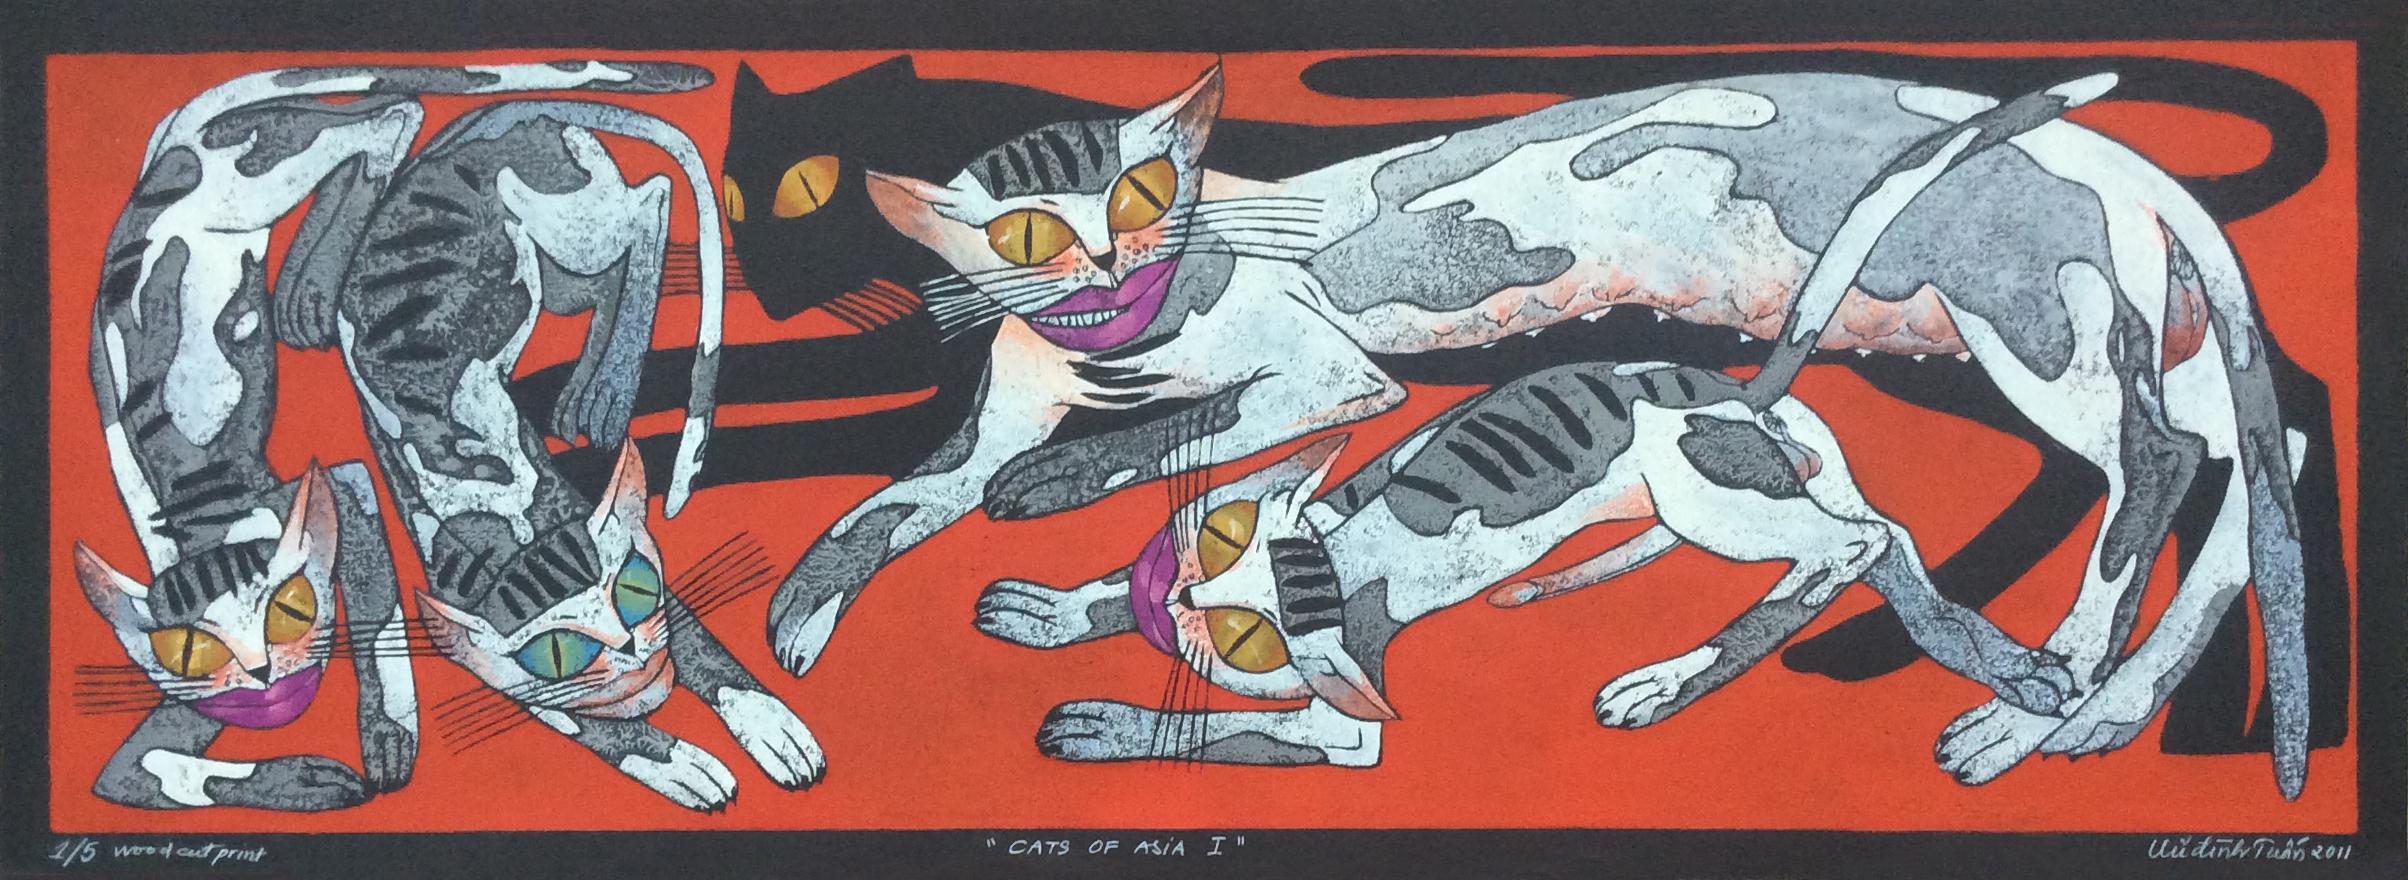 Cats of Asia No. 1 | Mèo Châu Á 01